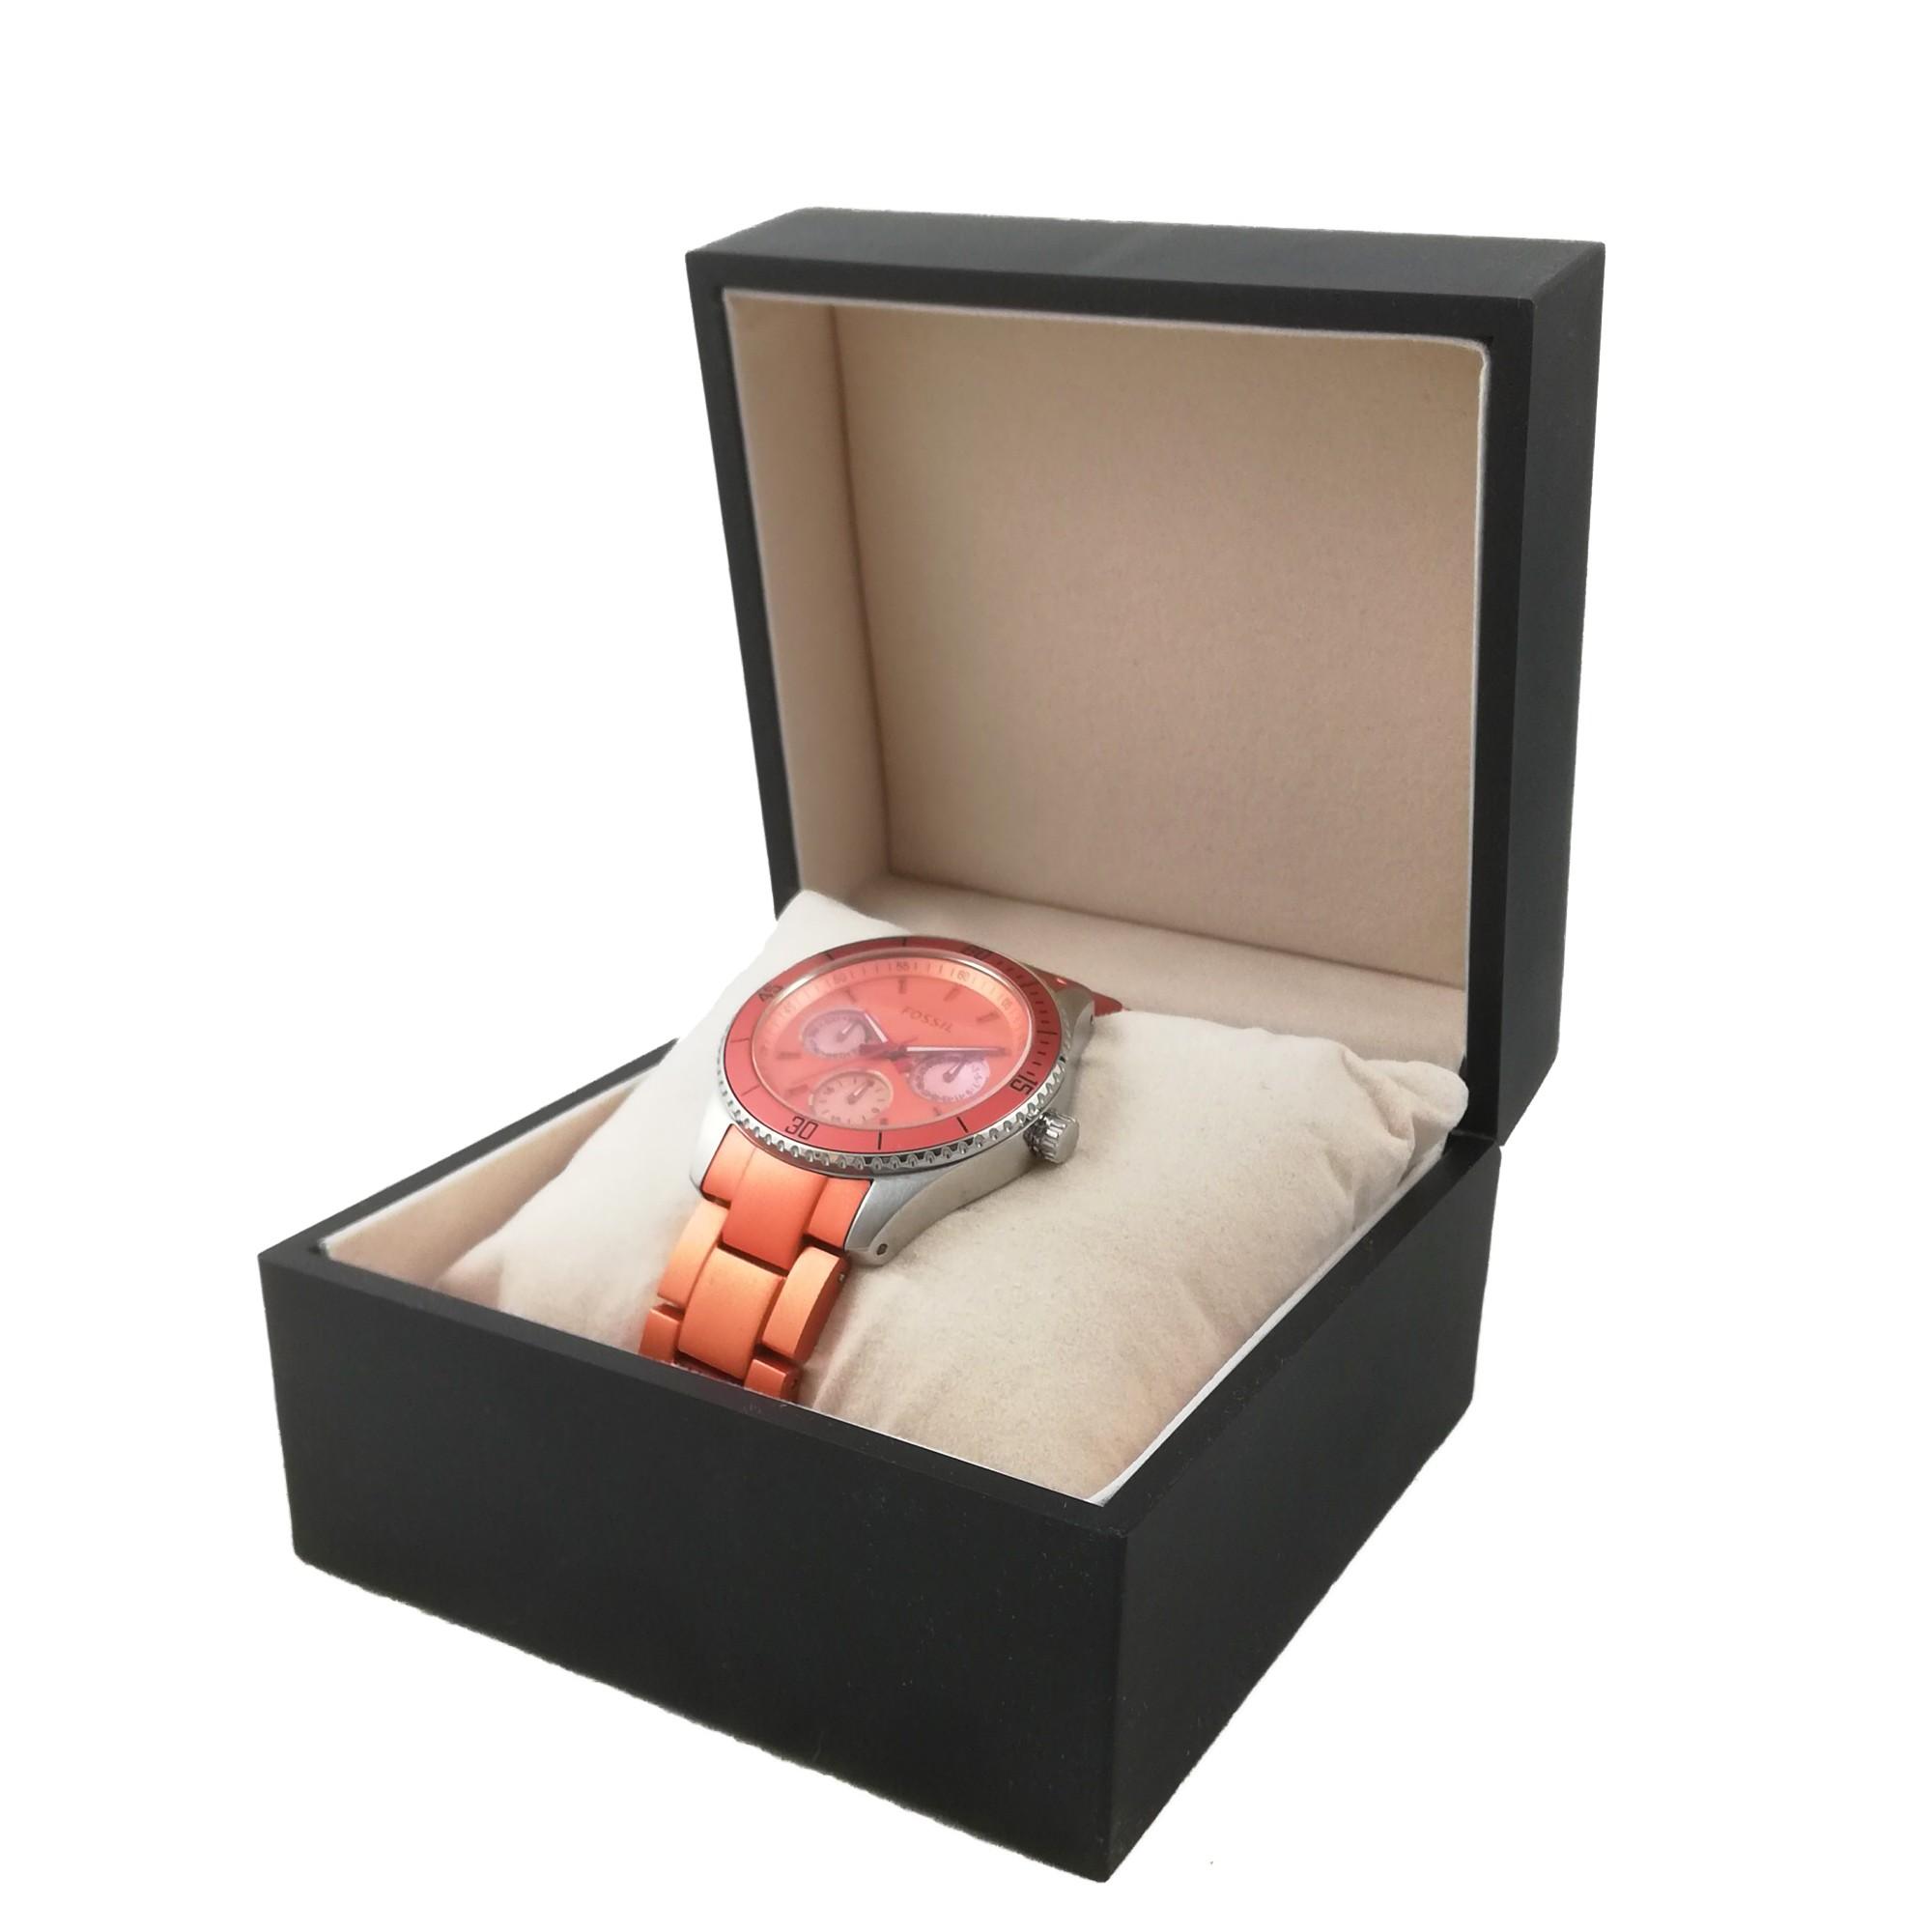 Cutie neagra sau visinie pentru un ceas din MDF